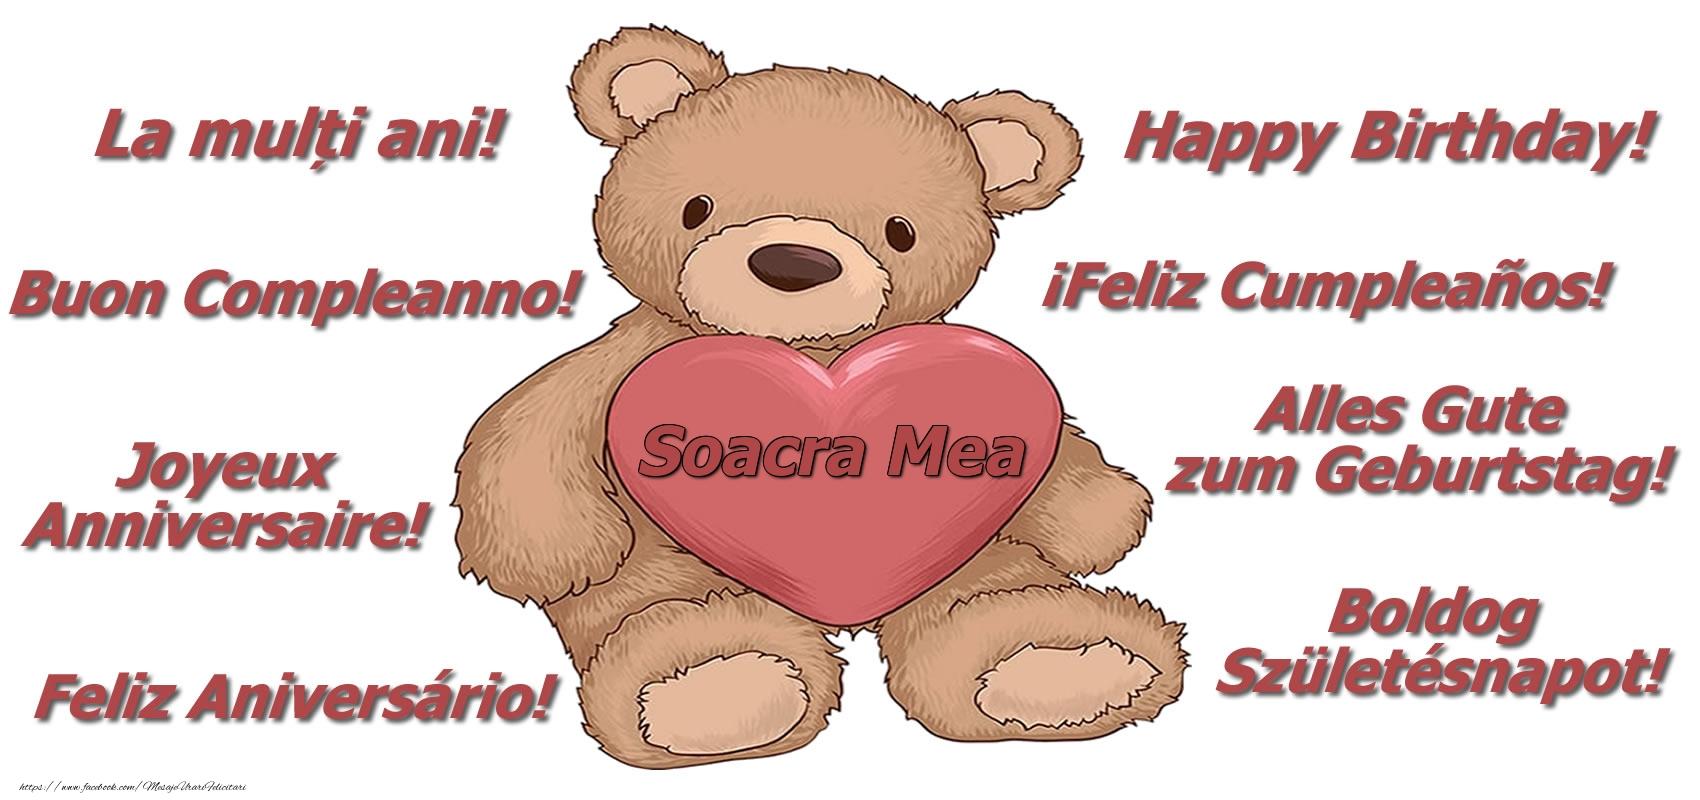 Felicitari de zi de nastere pentru Soacra - La multi ani soacra mea! - Ursulet